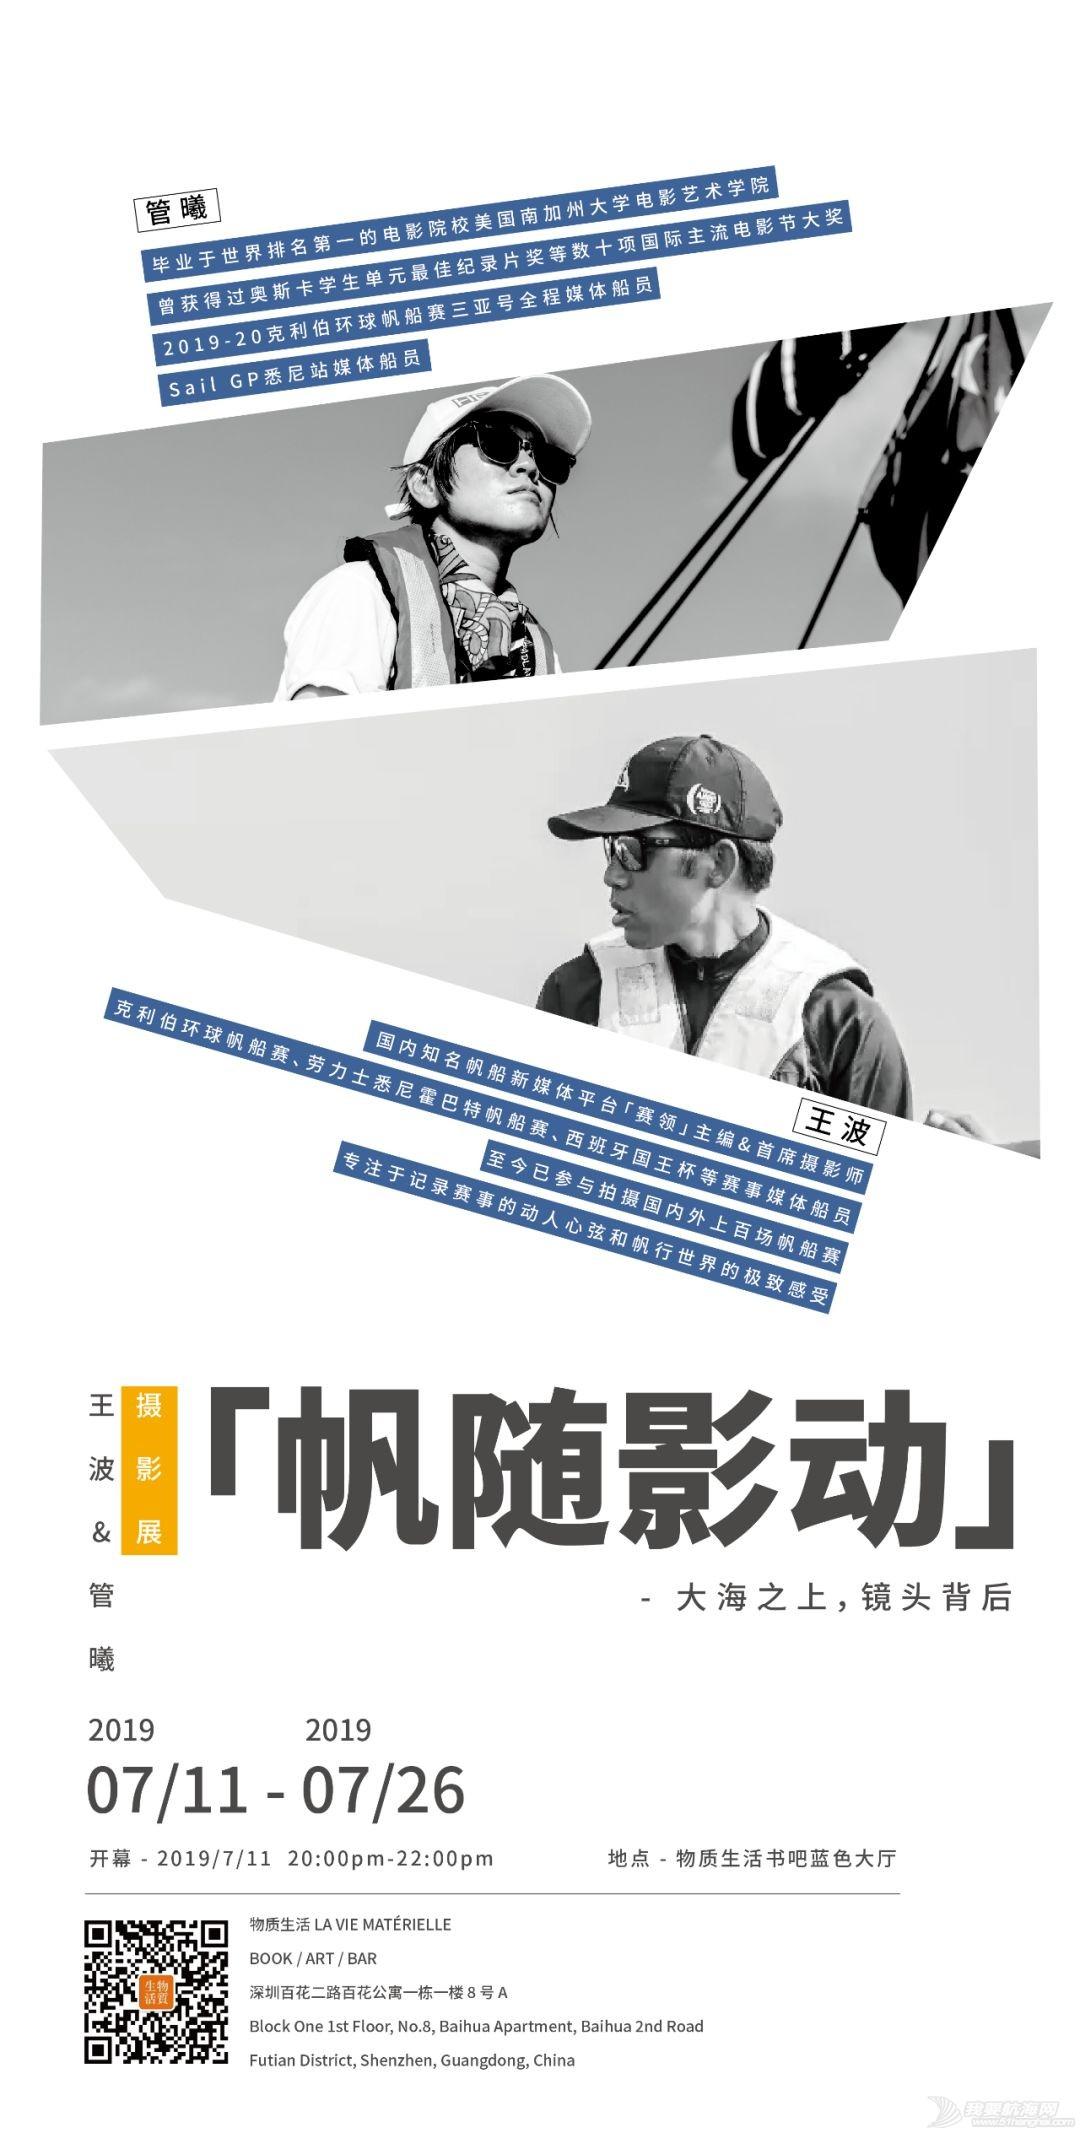 三亚号媒体船员开影展啦!w2.jpg